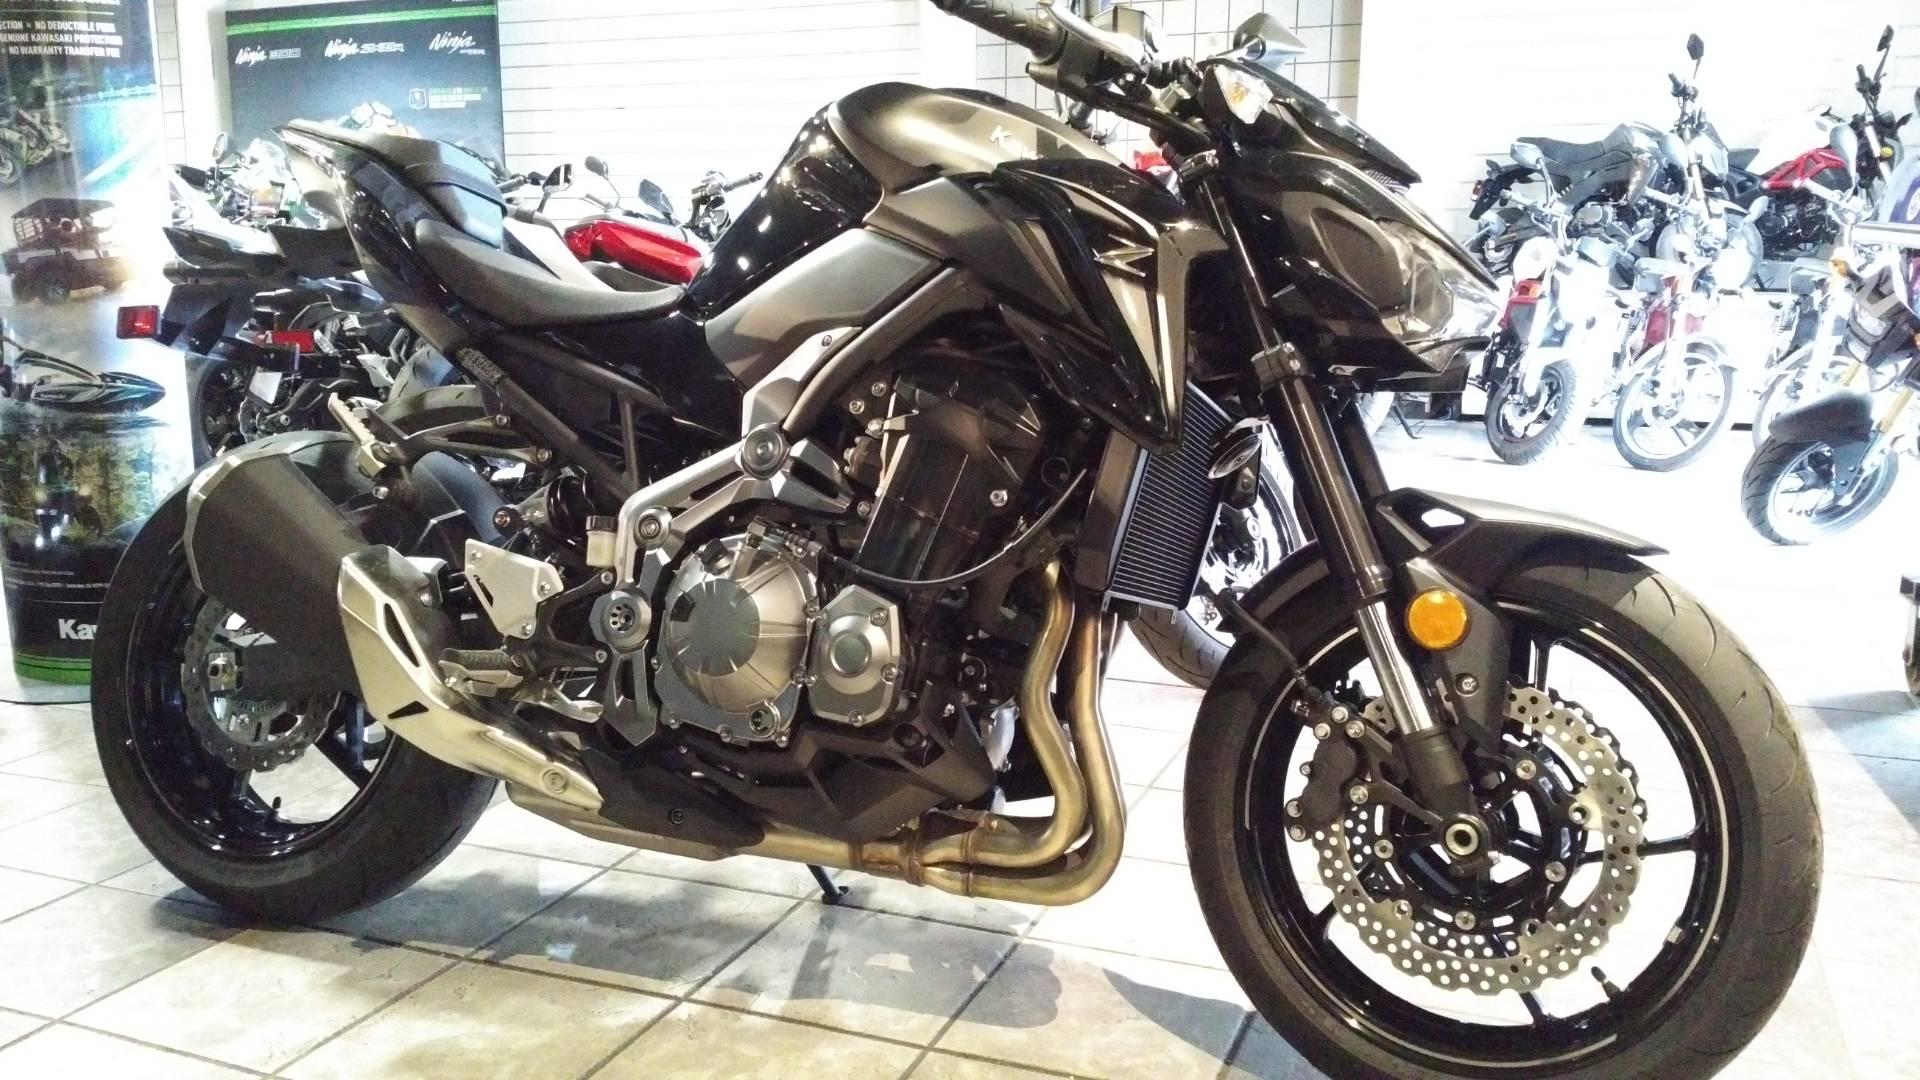 2017 Kawasaki Z900 for sale 136014